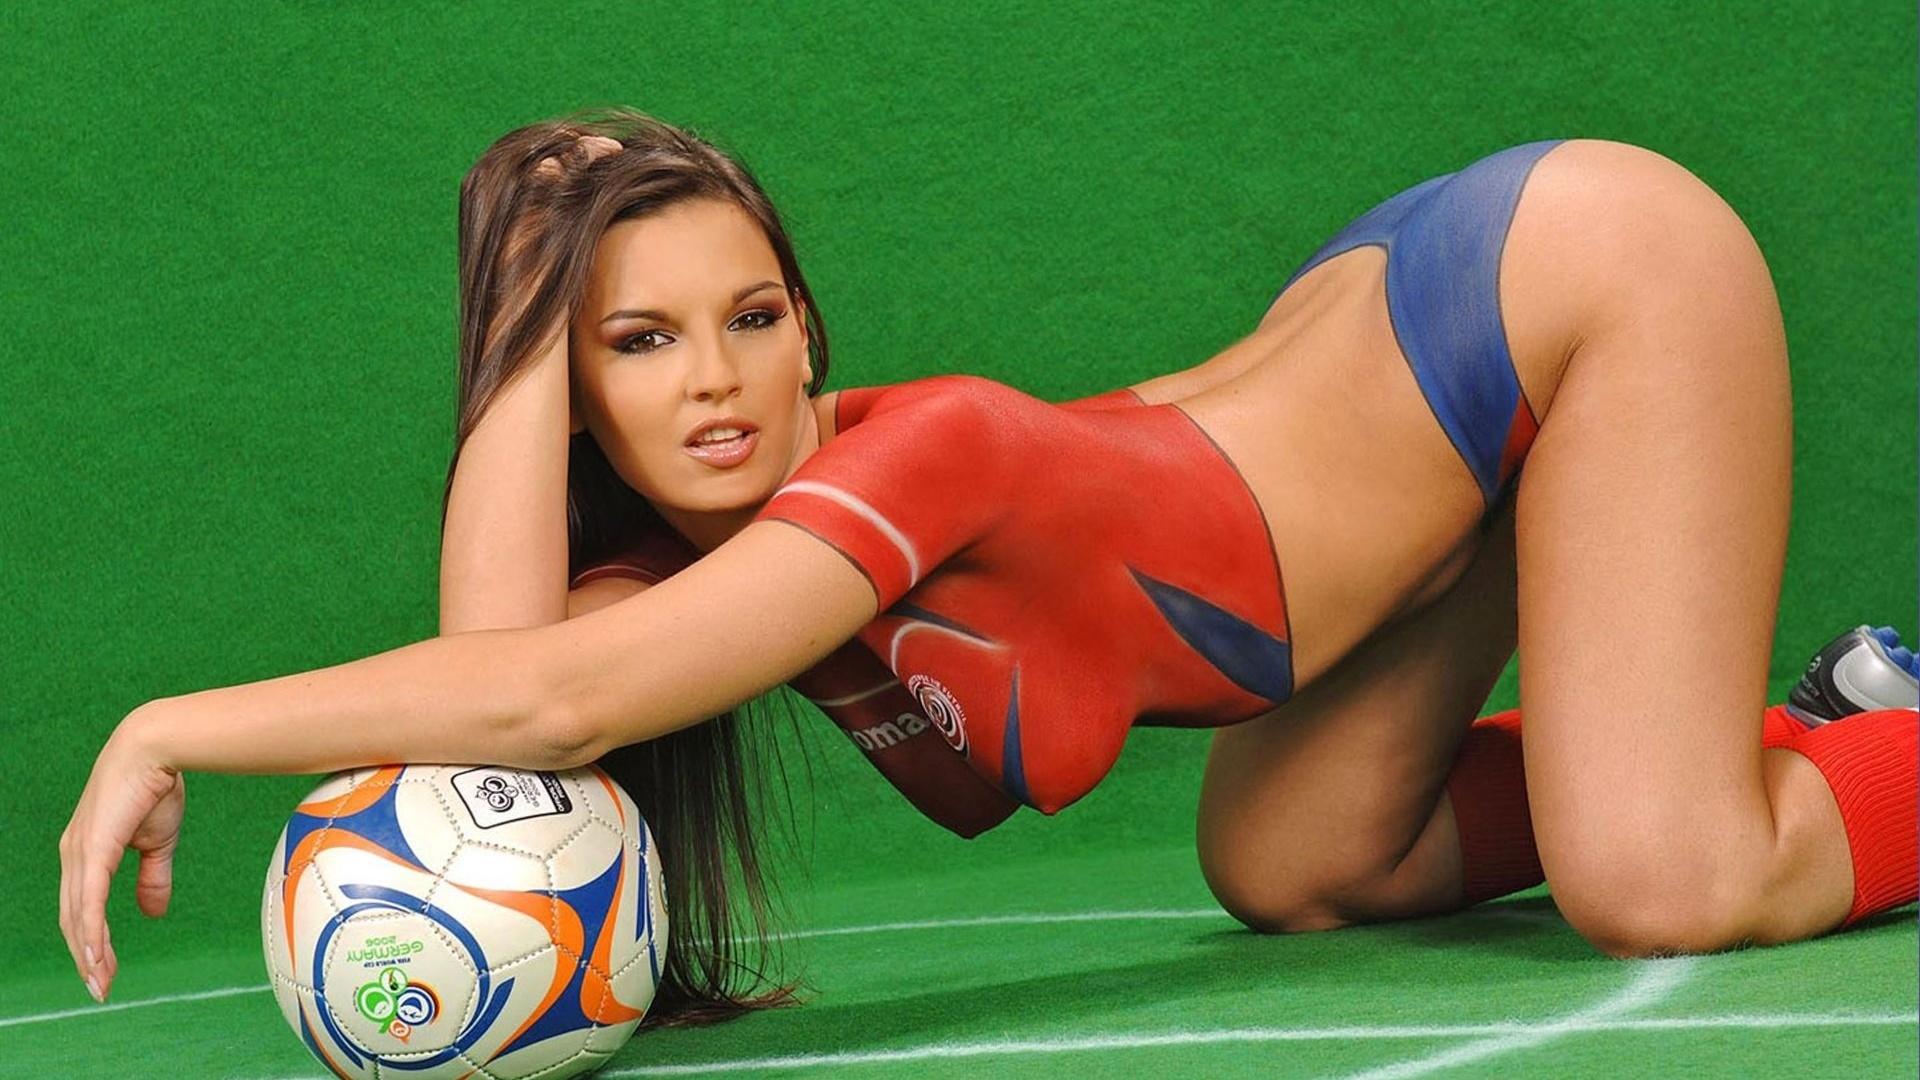 коем фото телок сосет у команды футболистов опускается колени начинает